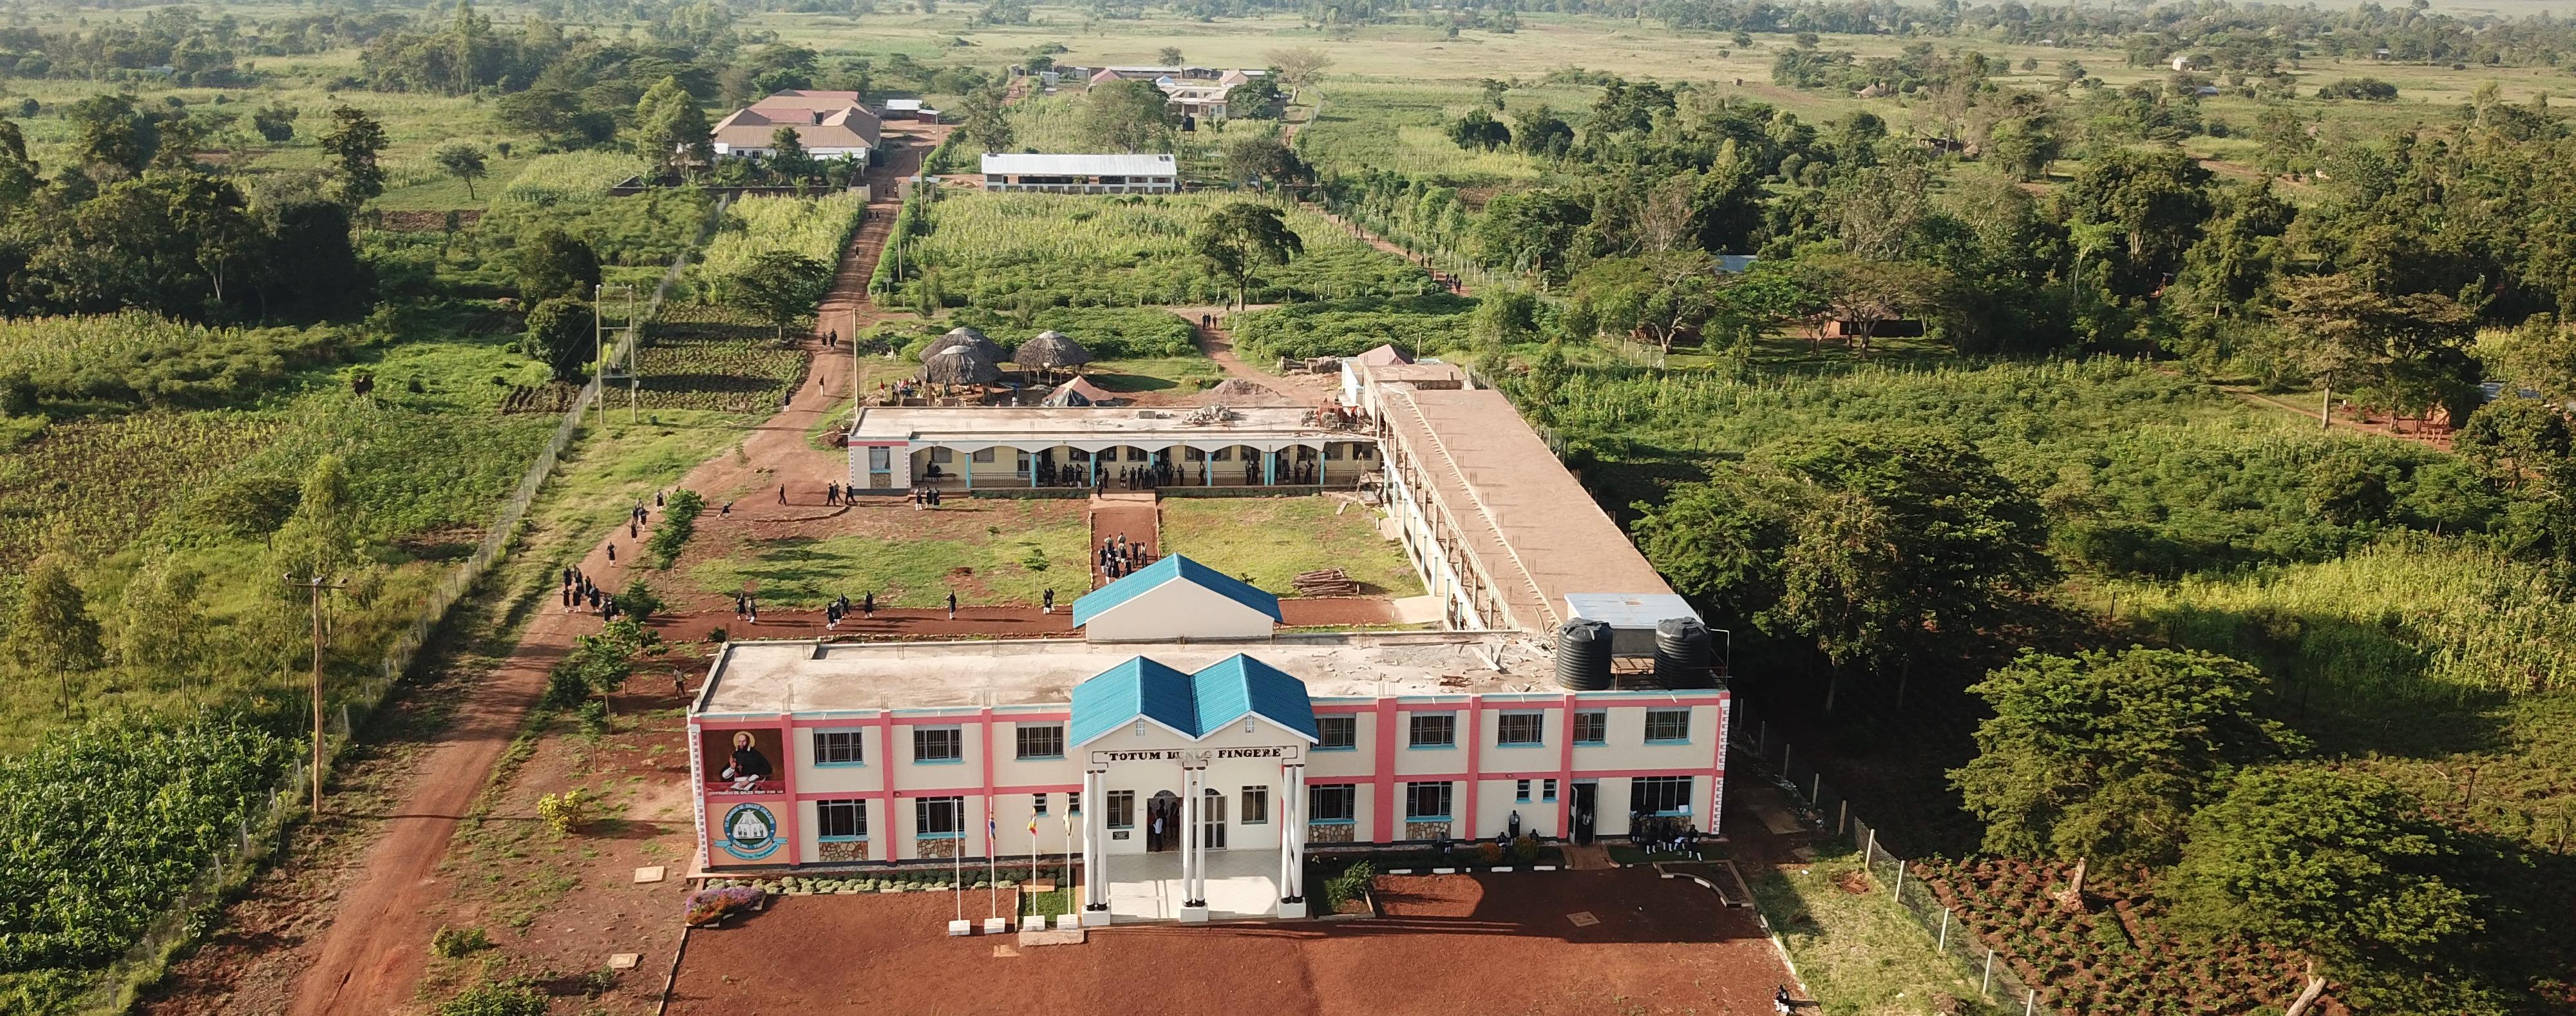 Ungefähr 600 SchülerInnen besuchen die Schule zur Zeit